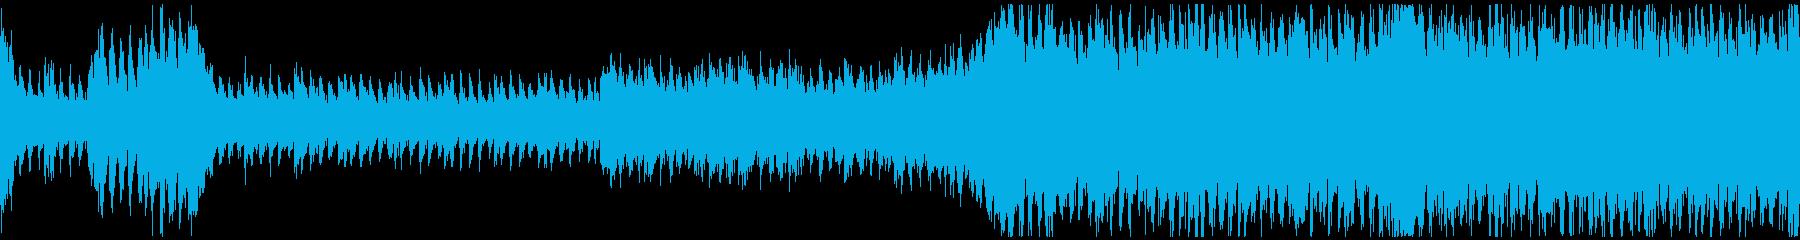 勇壮なオーケストラ戦闘曲の再生済みの波形